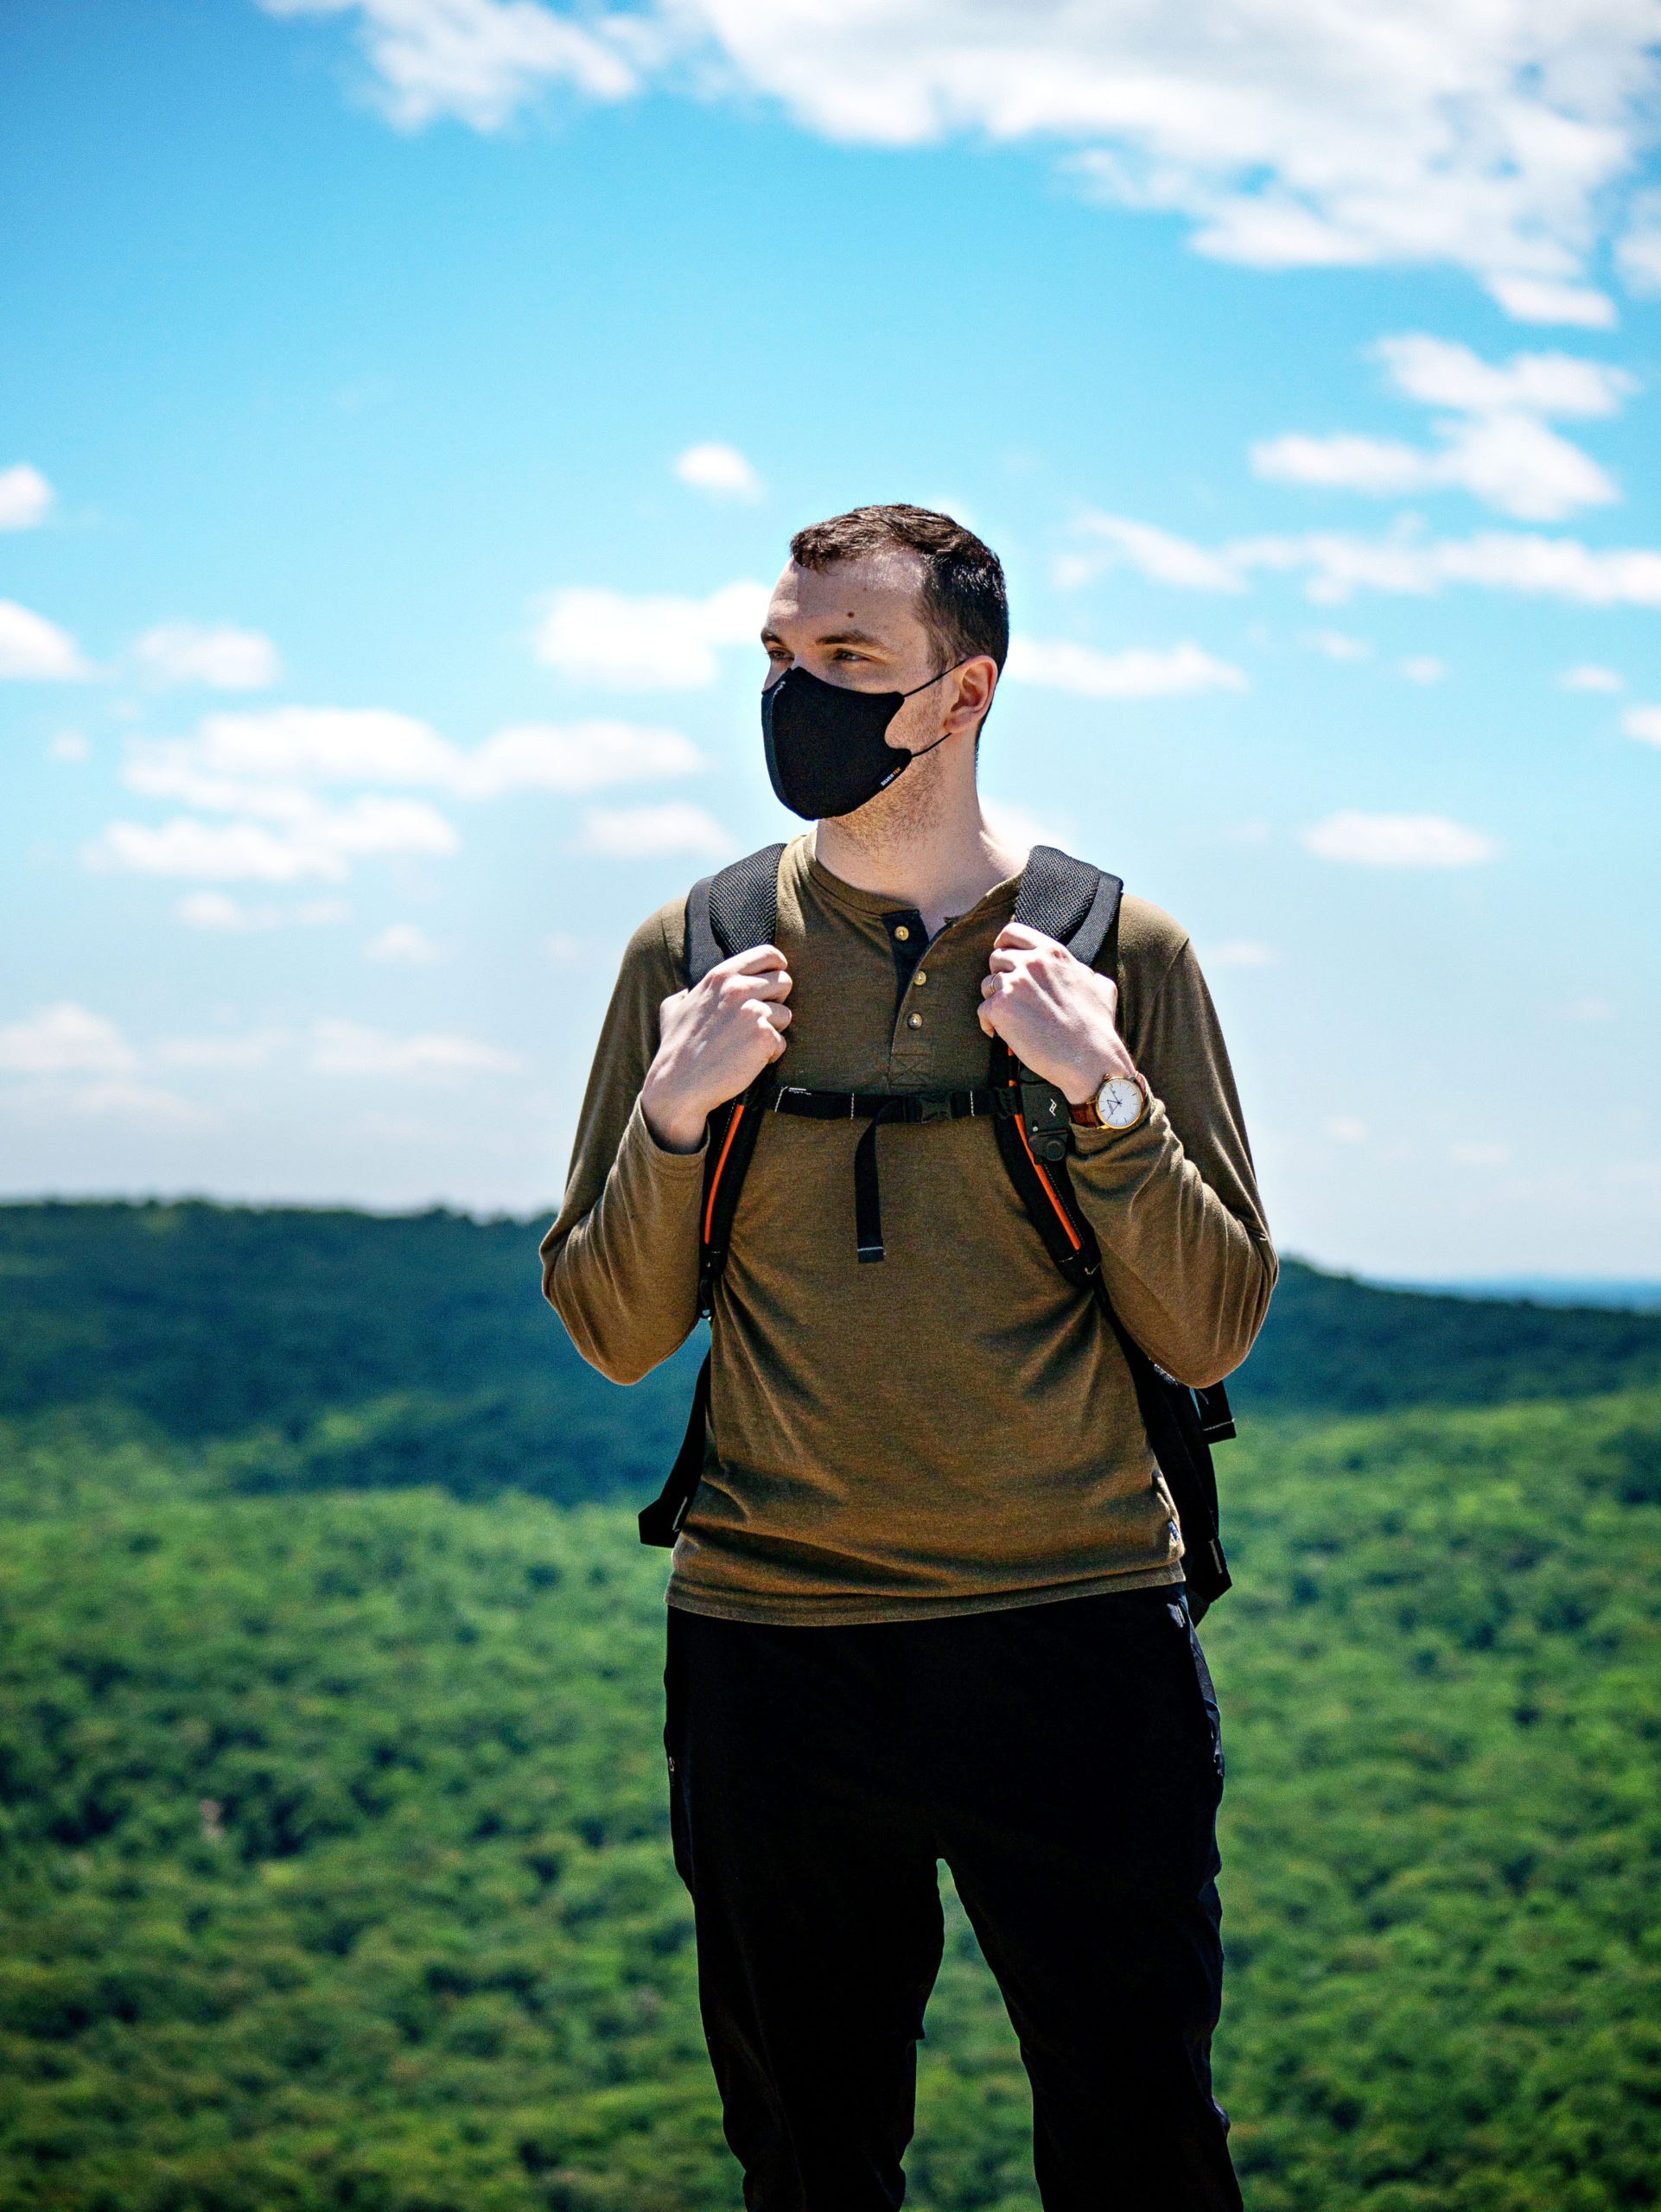 nanofit-on-a-hike_outdoors2